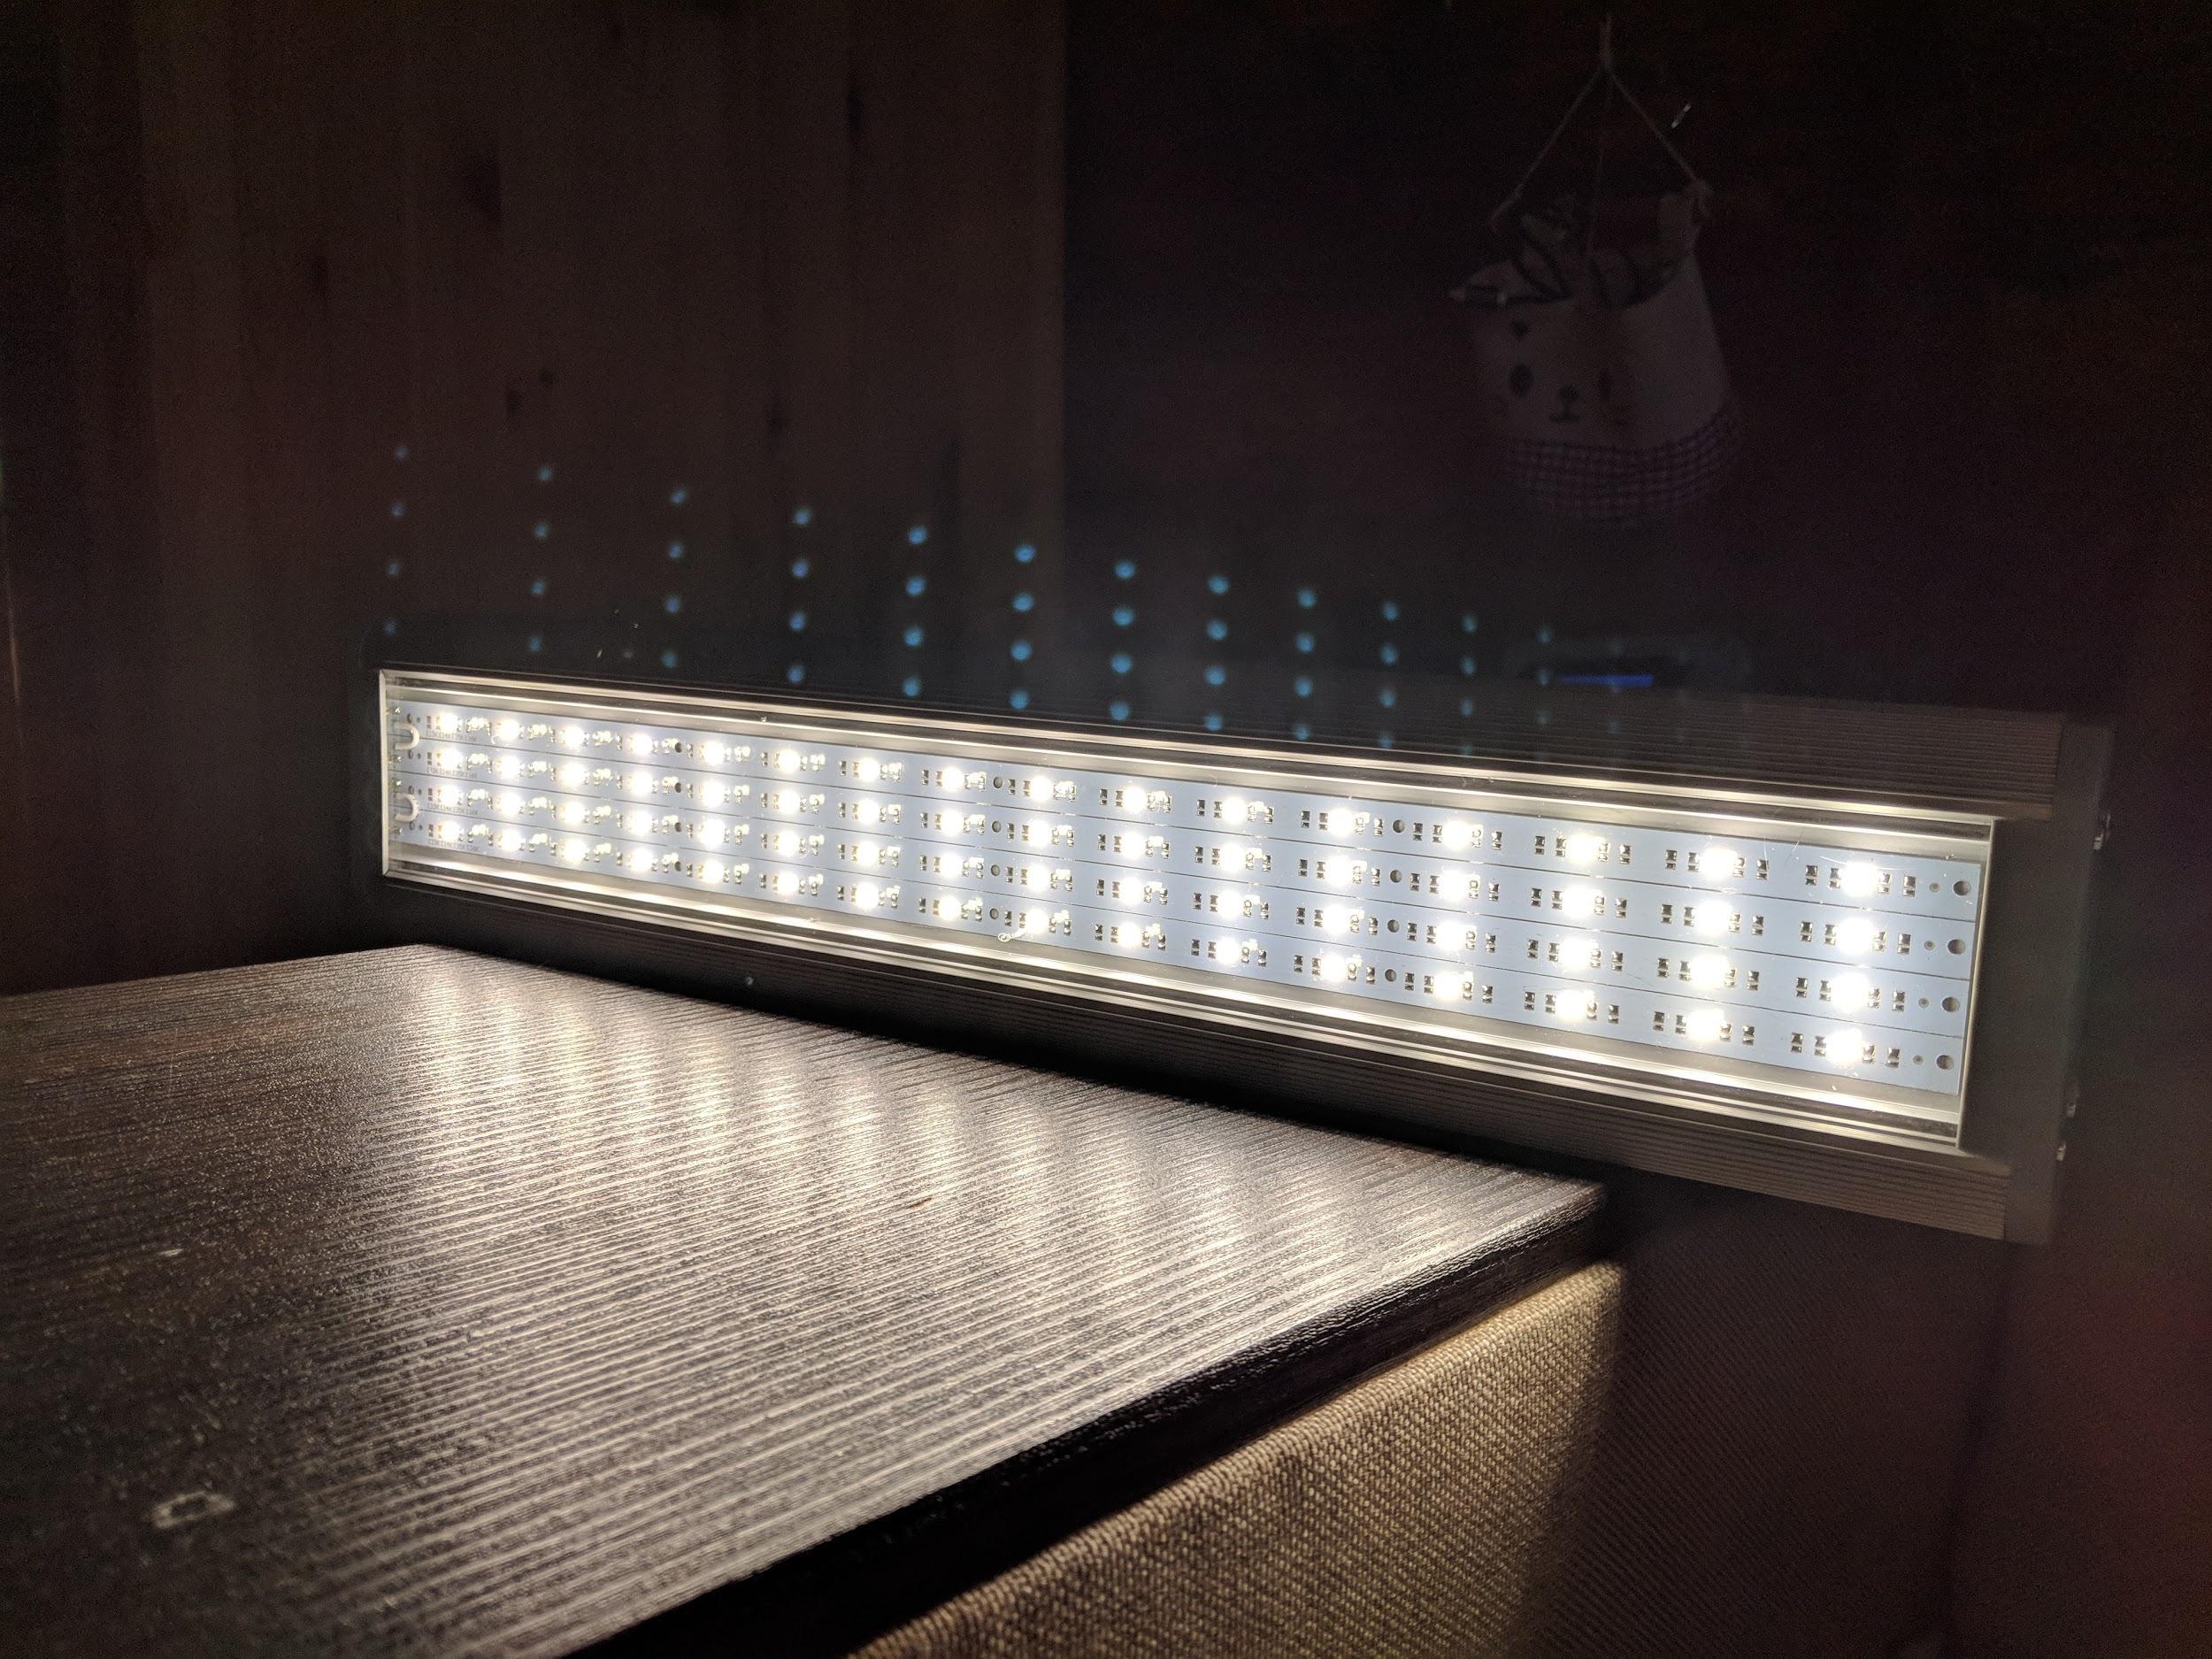 Промышленные светильники от отечественного производителя Эффест с хорошим индексом цветопередачи - 10